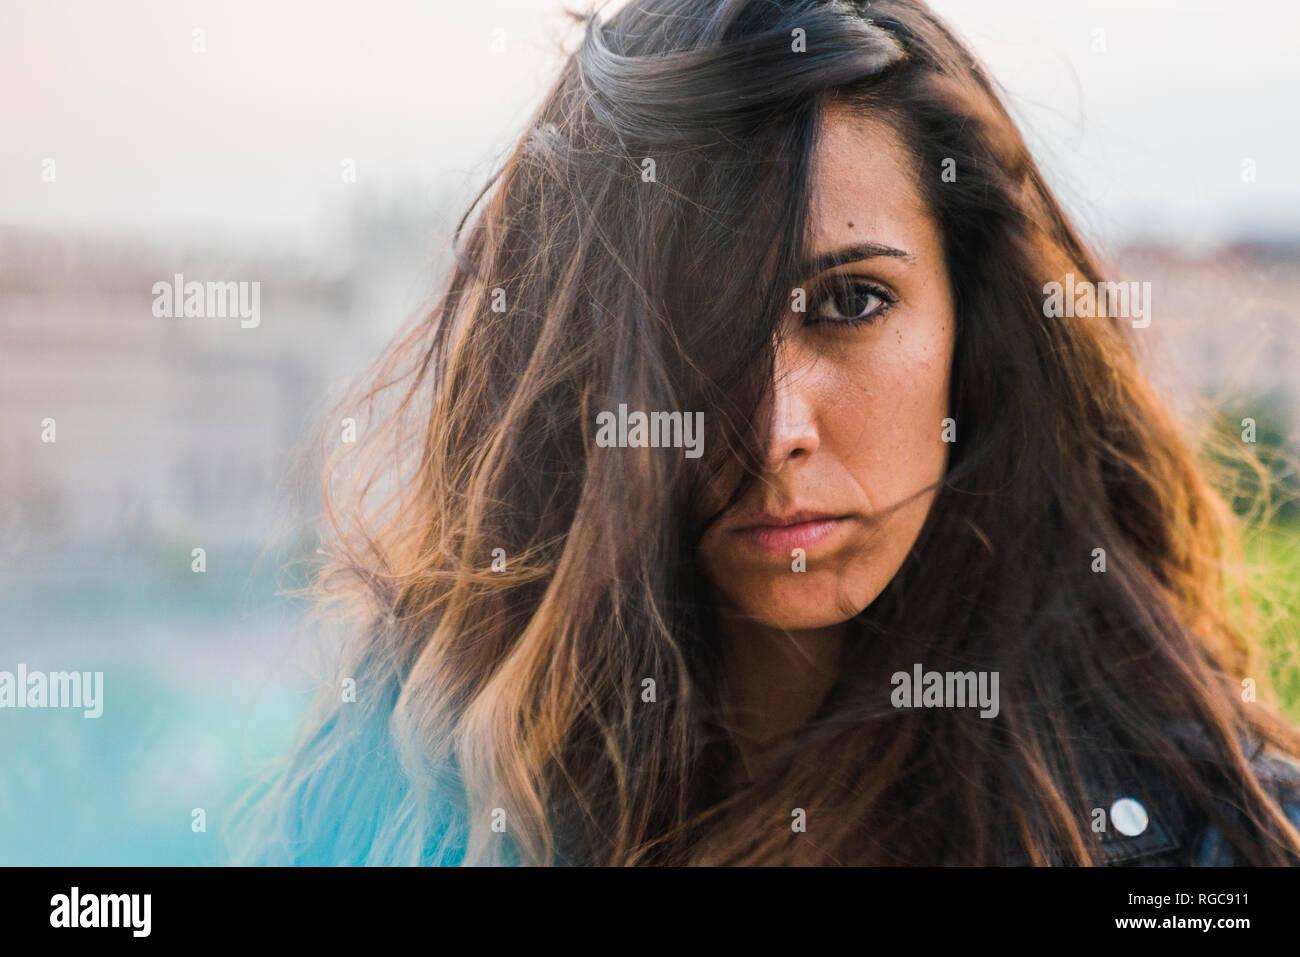 Retrato de hermosa mujer joven con cabello marrón largo Foto de stock